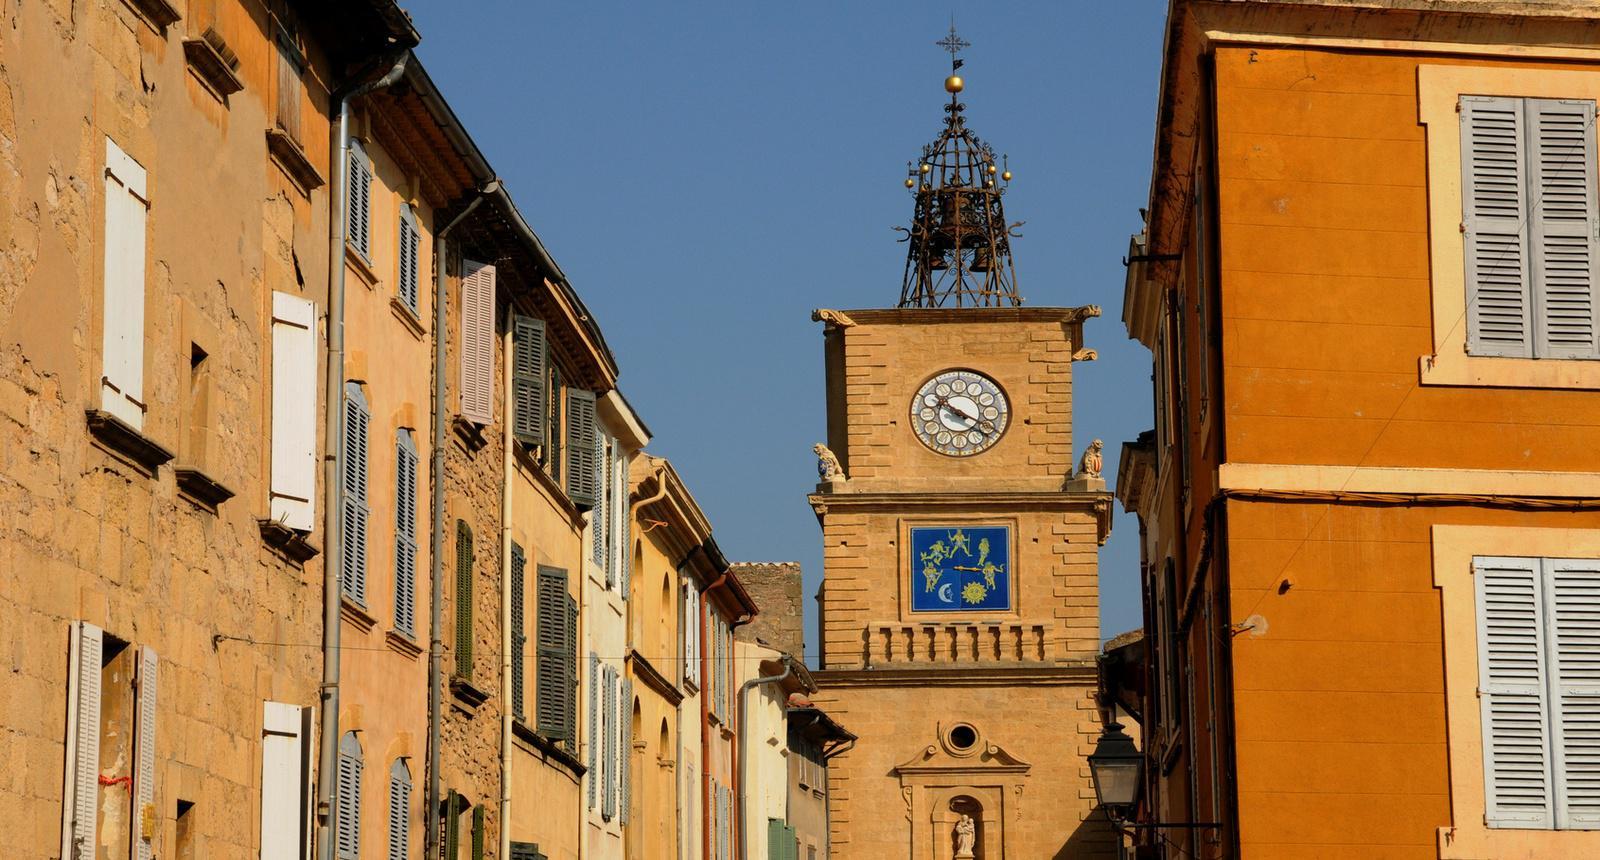 Photo la tour de l horloge salon de provence 189686 for Porte de l horloge salon de provence